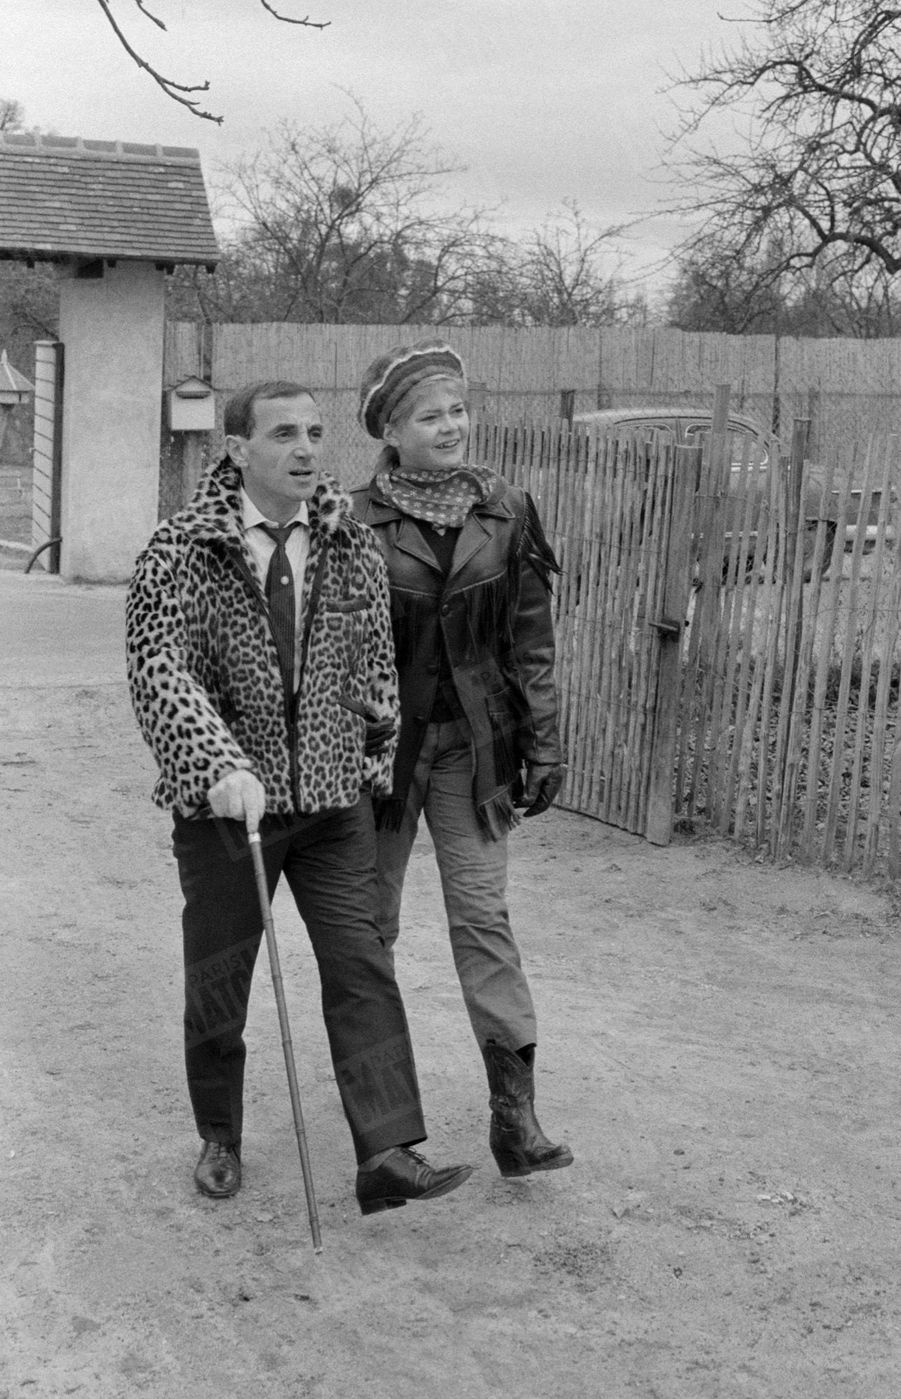 Charles Aznavour dans sa propriété de Galluis, près de Montfort-L'Amaury, en Ile-de-France, accompagné de sa muse Claude Carol, en janvier 1962.